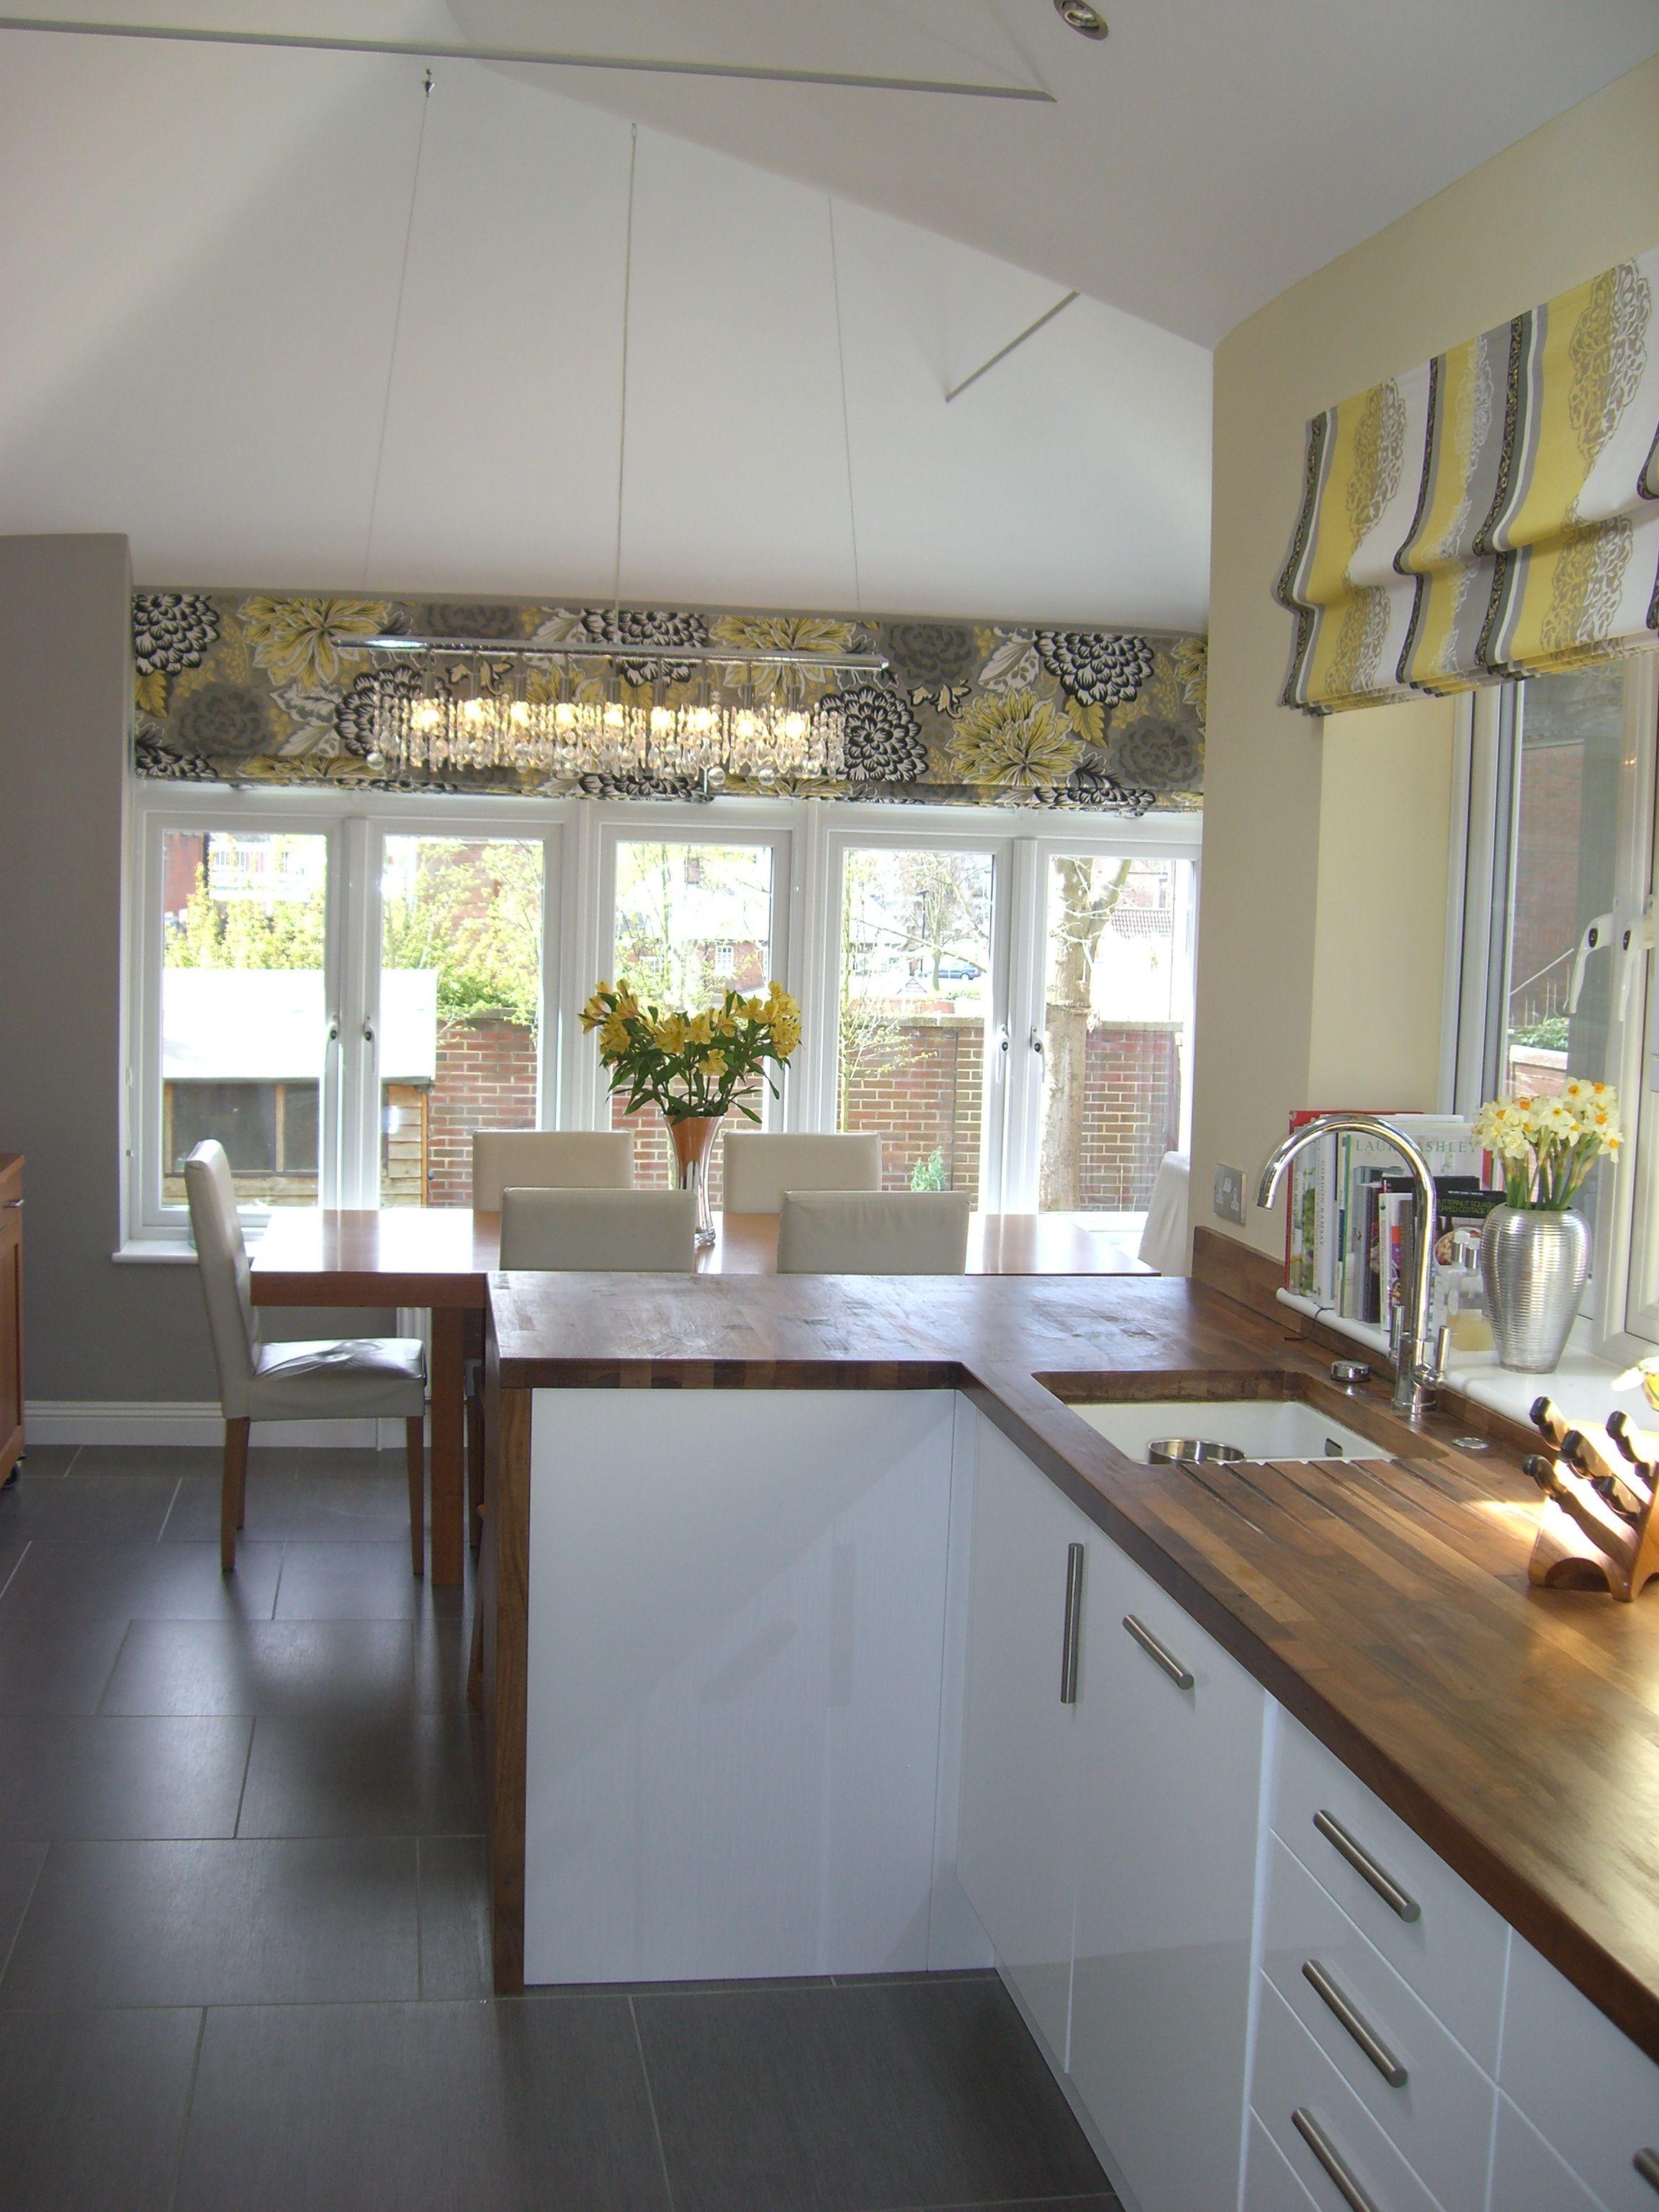 Kitchen Diner Kitchen Design Yellow Kitchen Grey Kitchen Colors